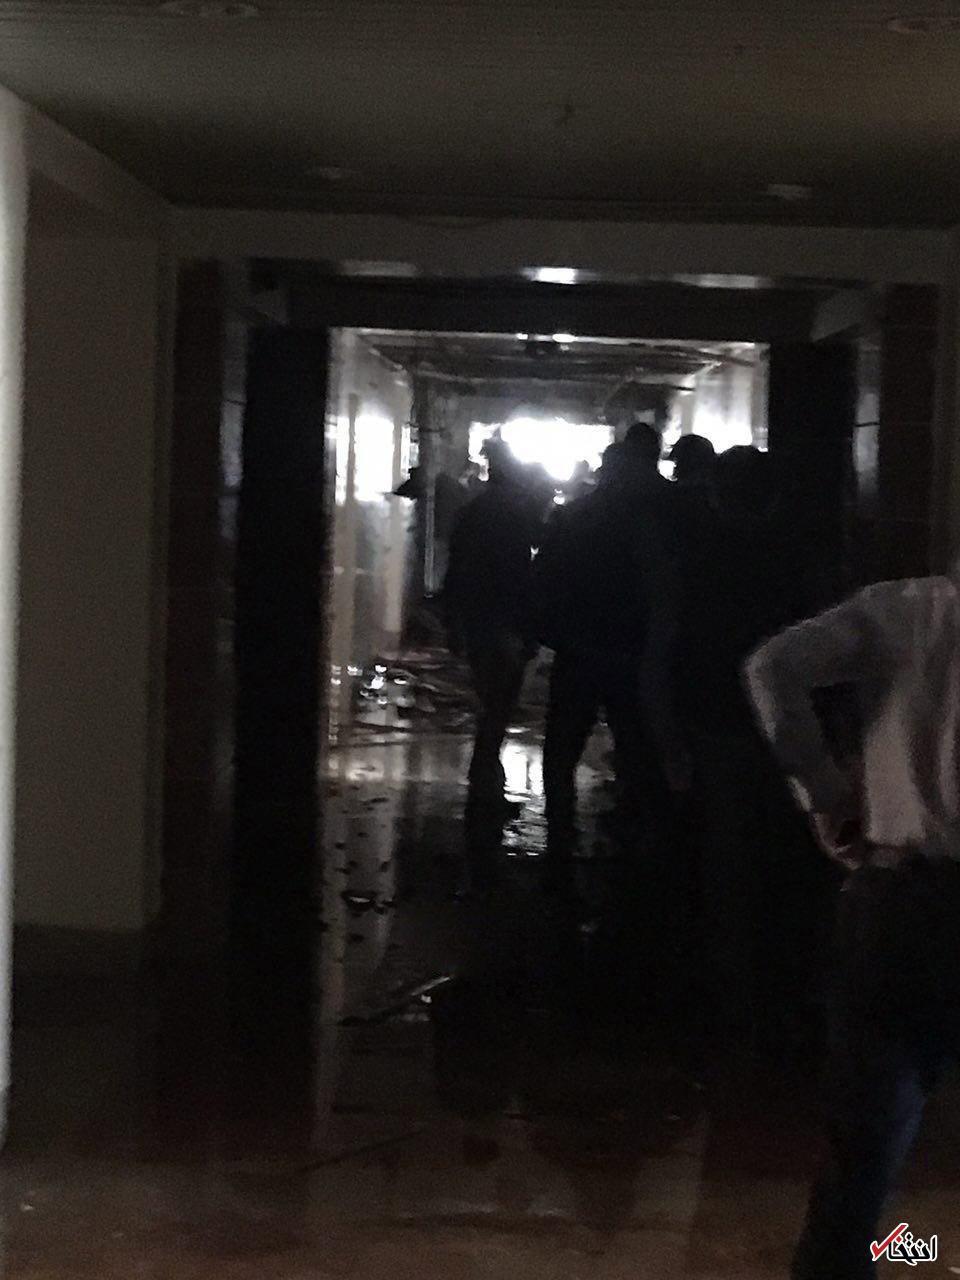 یکی از مهاجمان توسط سپاه دستگیر شد/ دو نفر از چهار تروریستی که به مجلس وارد شده بودند ، بر اثر انفجار جلیقه های خود کشته شدند/ 12 نفر در حادثه تروریستی امروز تهران شهید شدند/ لهجه عربی تروریست های ساختمان مجلس، لهجه  مغرب عربی مثل تونس یا لیبی بوده/ نخستین توضیحات ناجا درباره دو حادثه تروریستی امروز: اوضاع کاملا تحت کنترل است